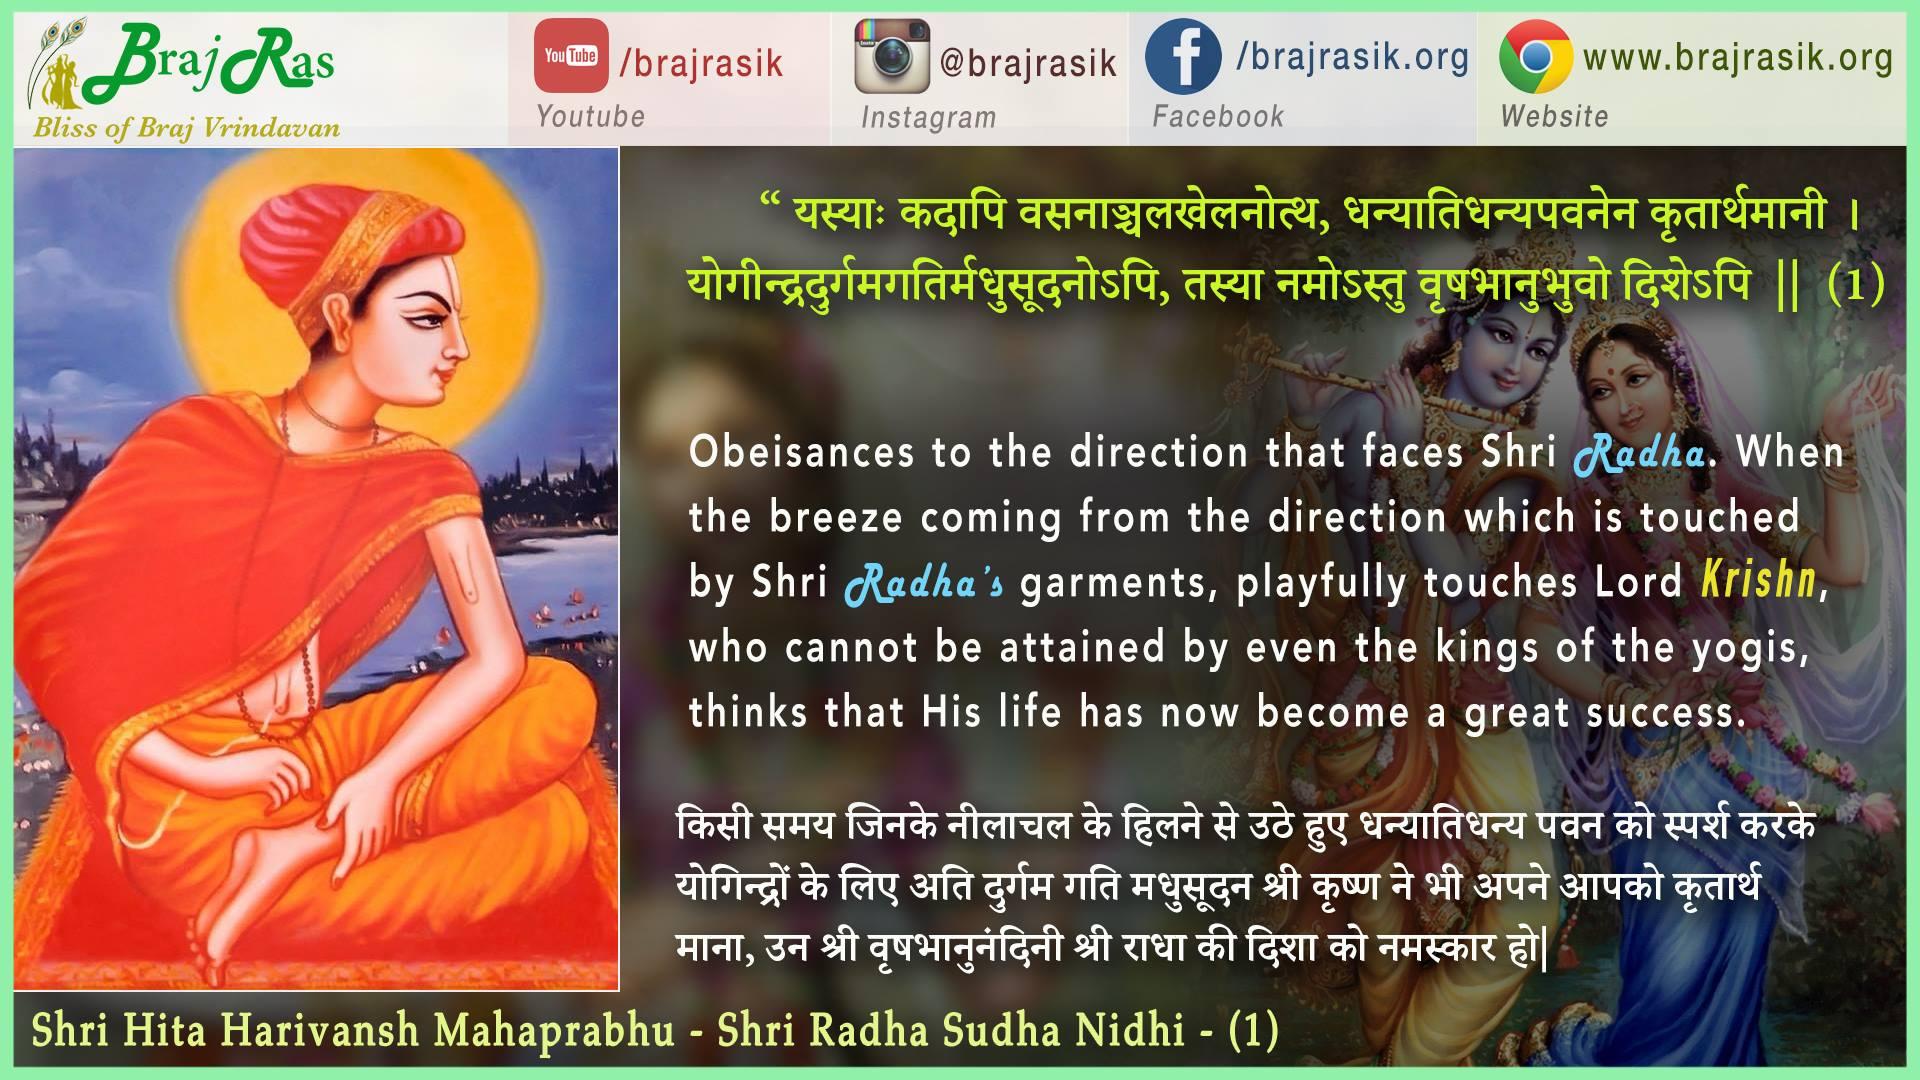 yasyah kadapi vasanancala-khelanottha - Shri Hita Harivansh Mahaprabhu - Shri Radha Sudha Nidhi (01)